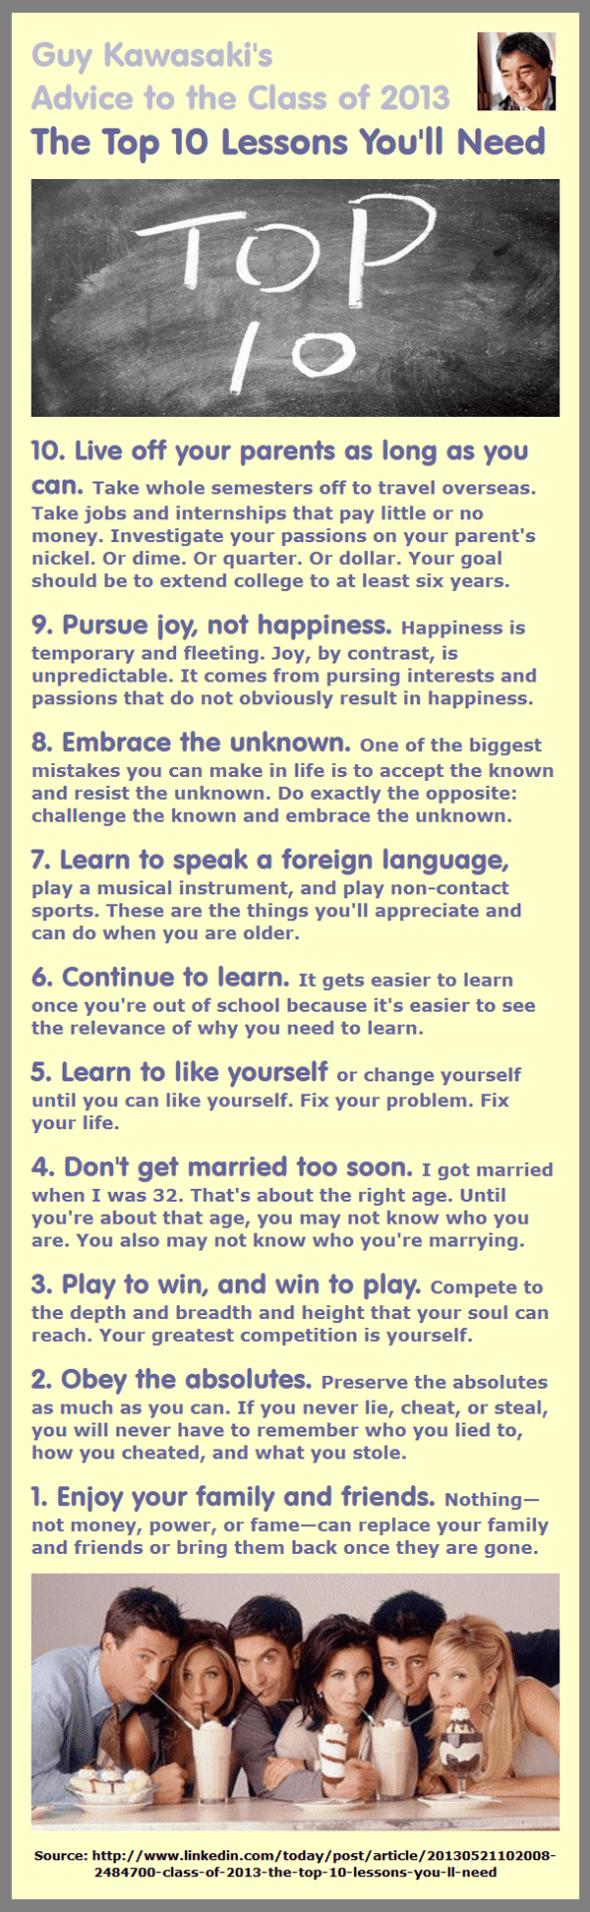 Guy Kawasaki's Top 10 Advice Tips